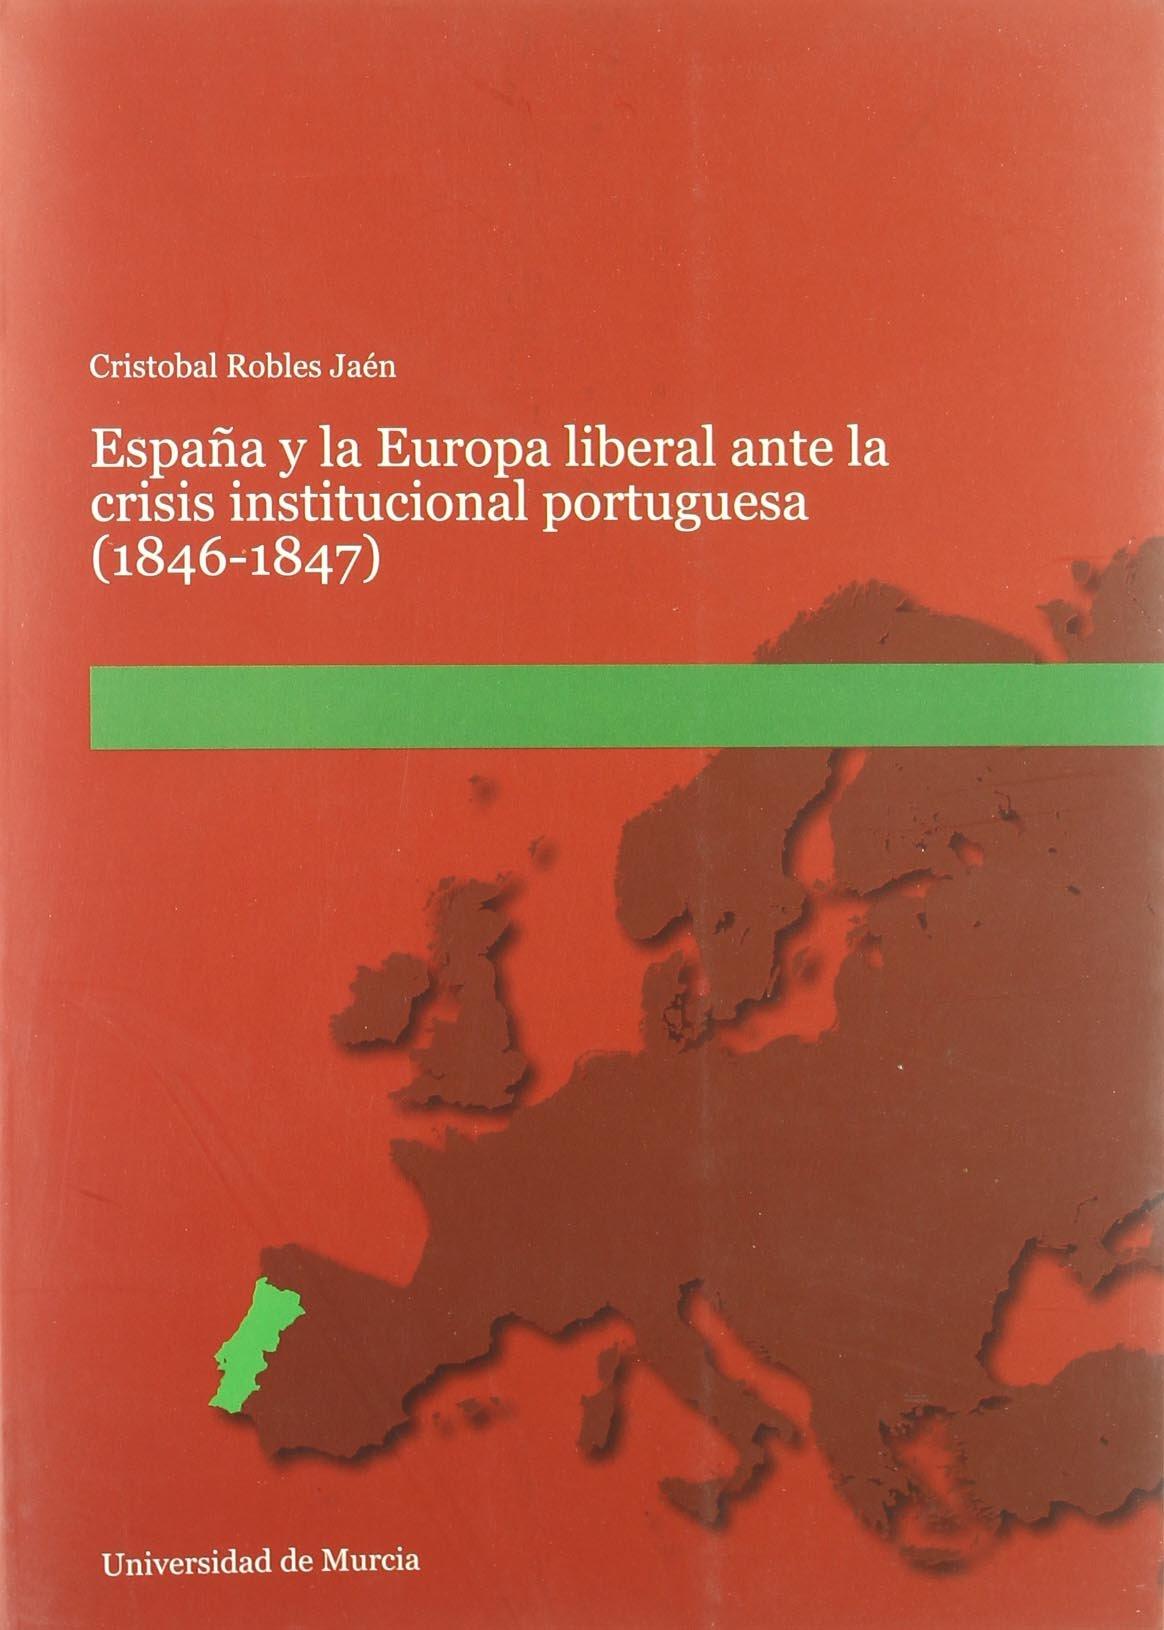 España y la Europa Liberal ante la Crisis Institucional Portuguesa 1846-1847: Amazon.es: Robles Jaen,Cristobal: Libros